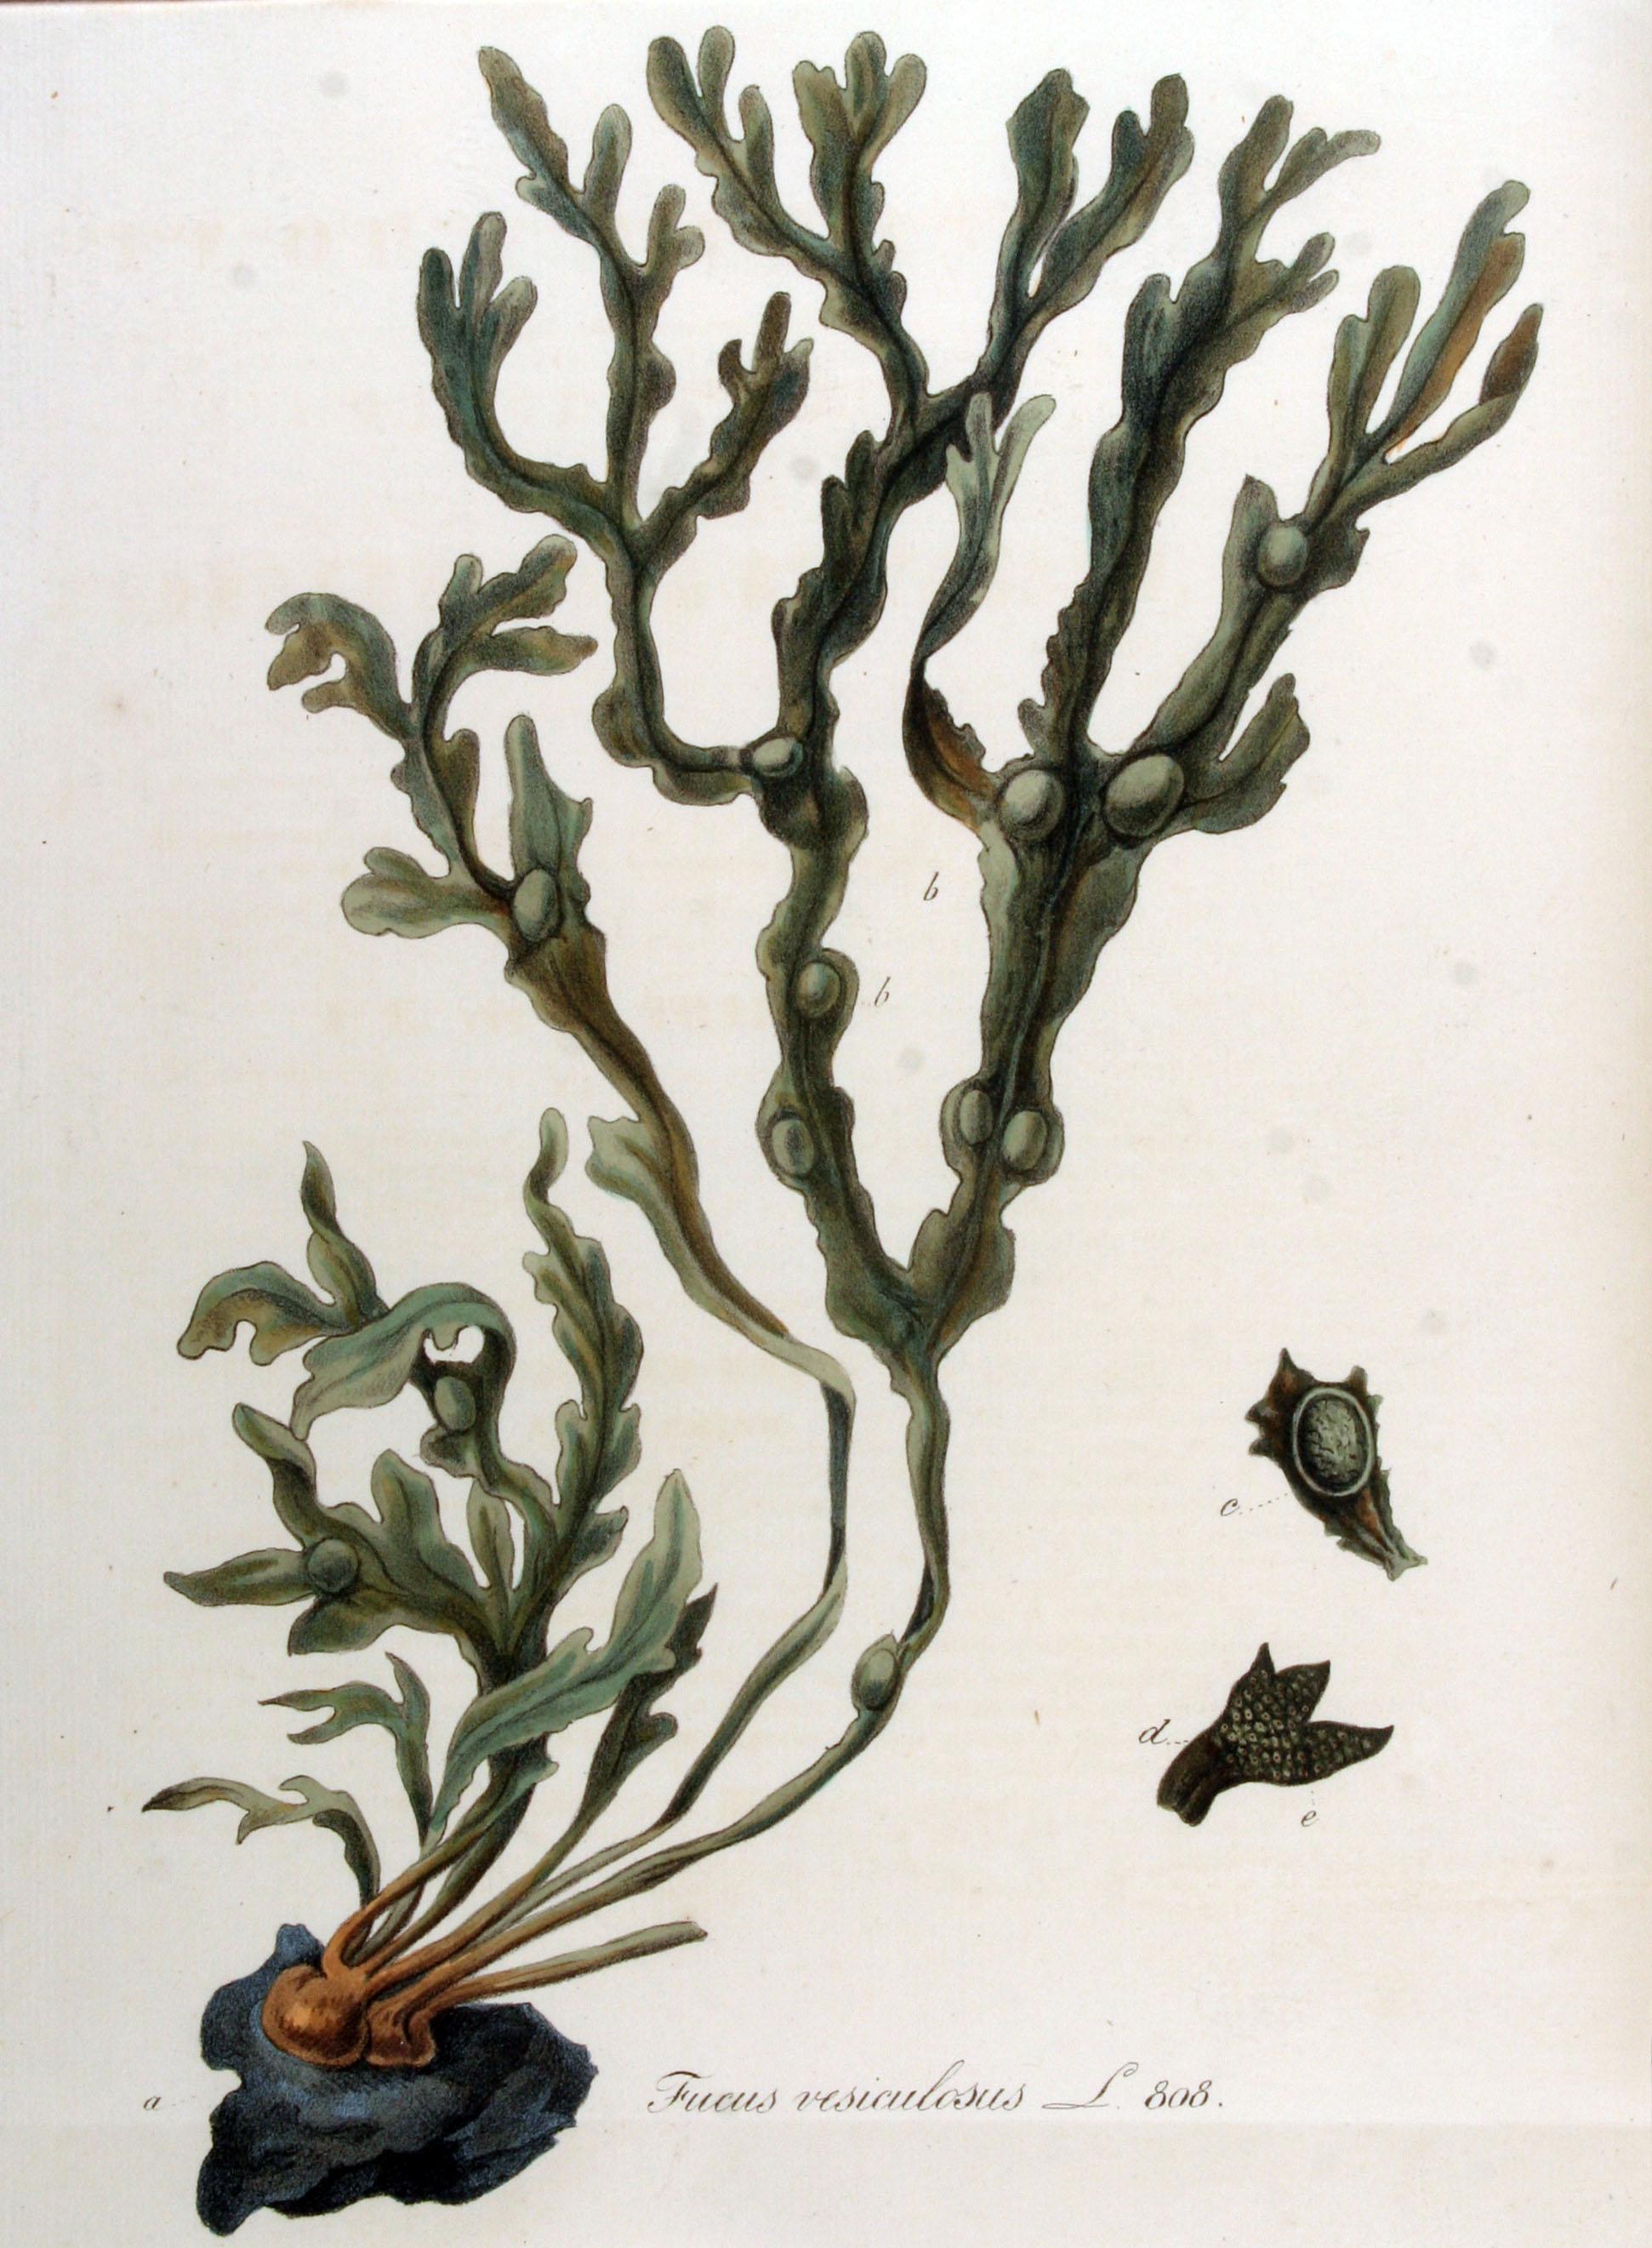 J. Kops, C. Sepp, Fucus vesiculosus; in: Flora Batava of Afbeelding en Beschrijving van Nederlandsche Gewassen; bei Wikipedia Commons